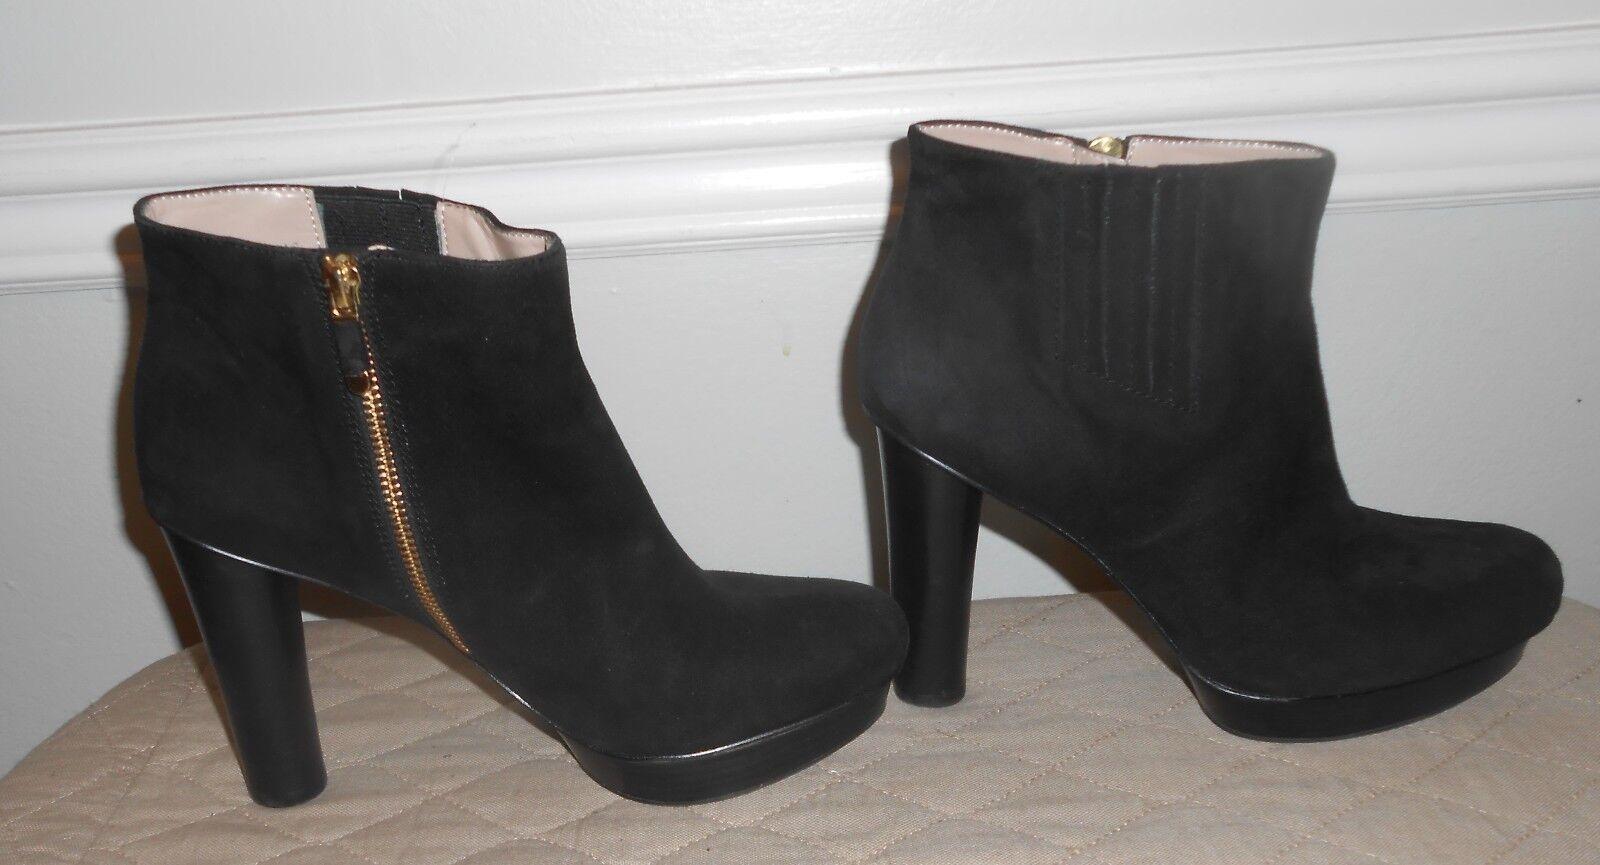 B. MAKOWSKY noir démarrageIES SUEDE ZIPPER ANKLE bottes chaussures SZ 10M Vienna  130